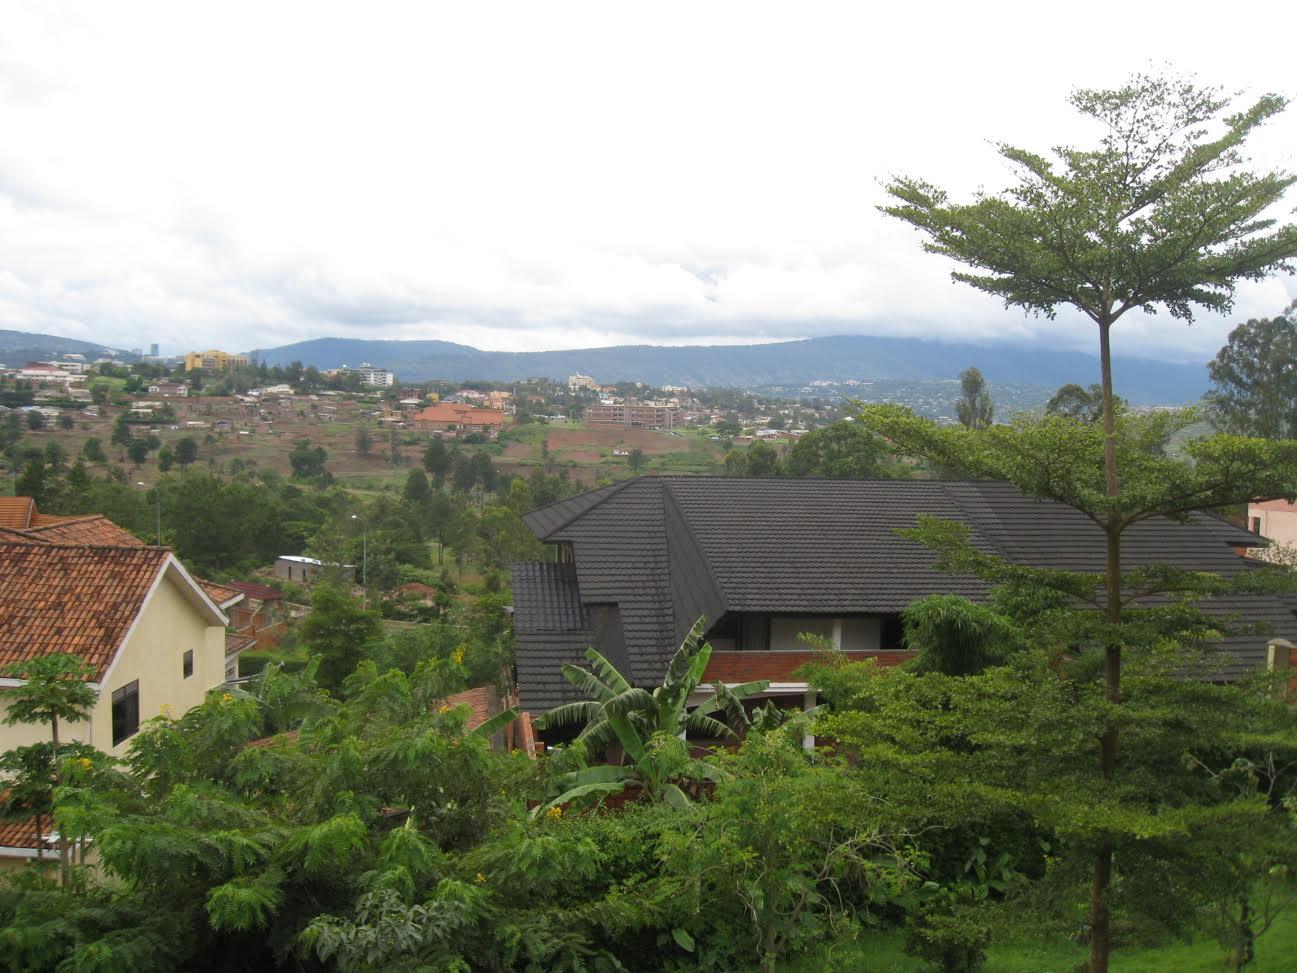 Kigali - Rwanda - 5 Curious Things about Rwanda